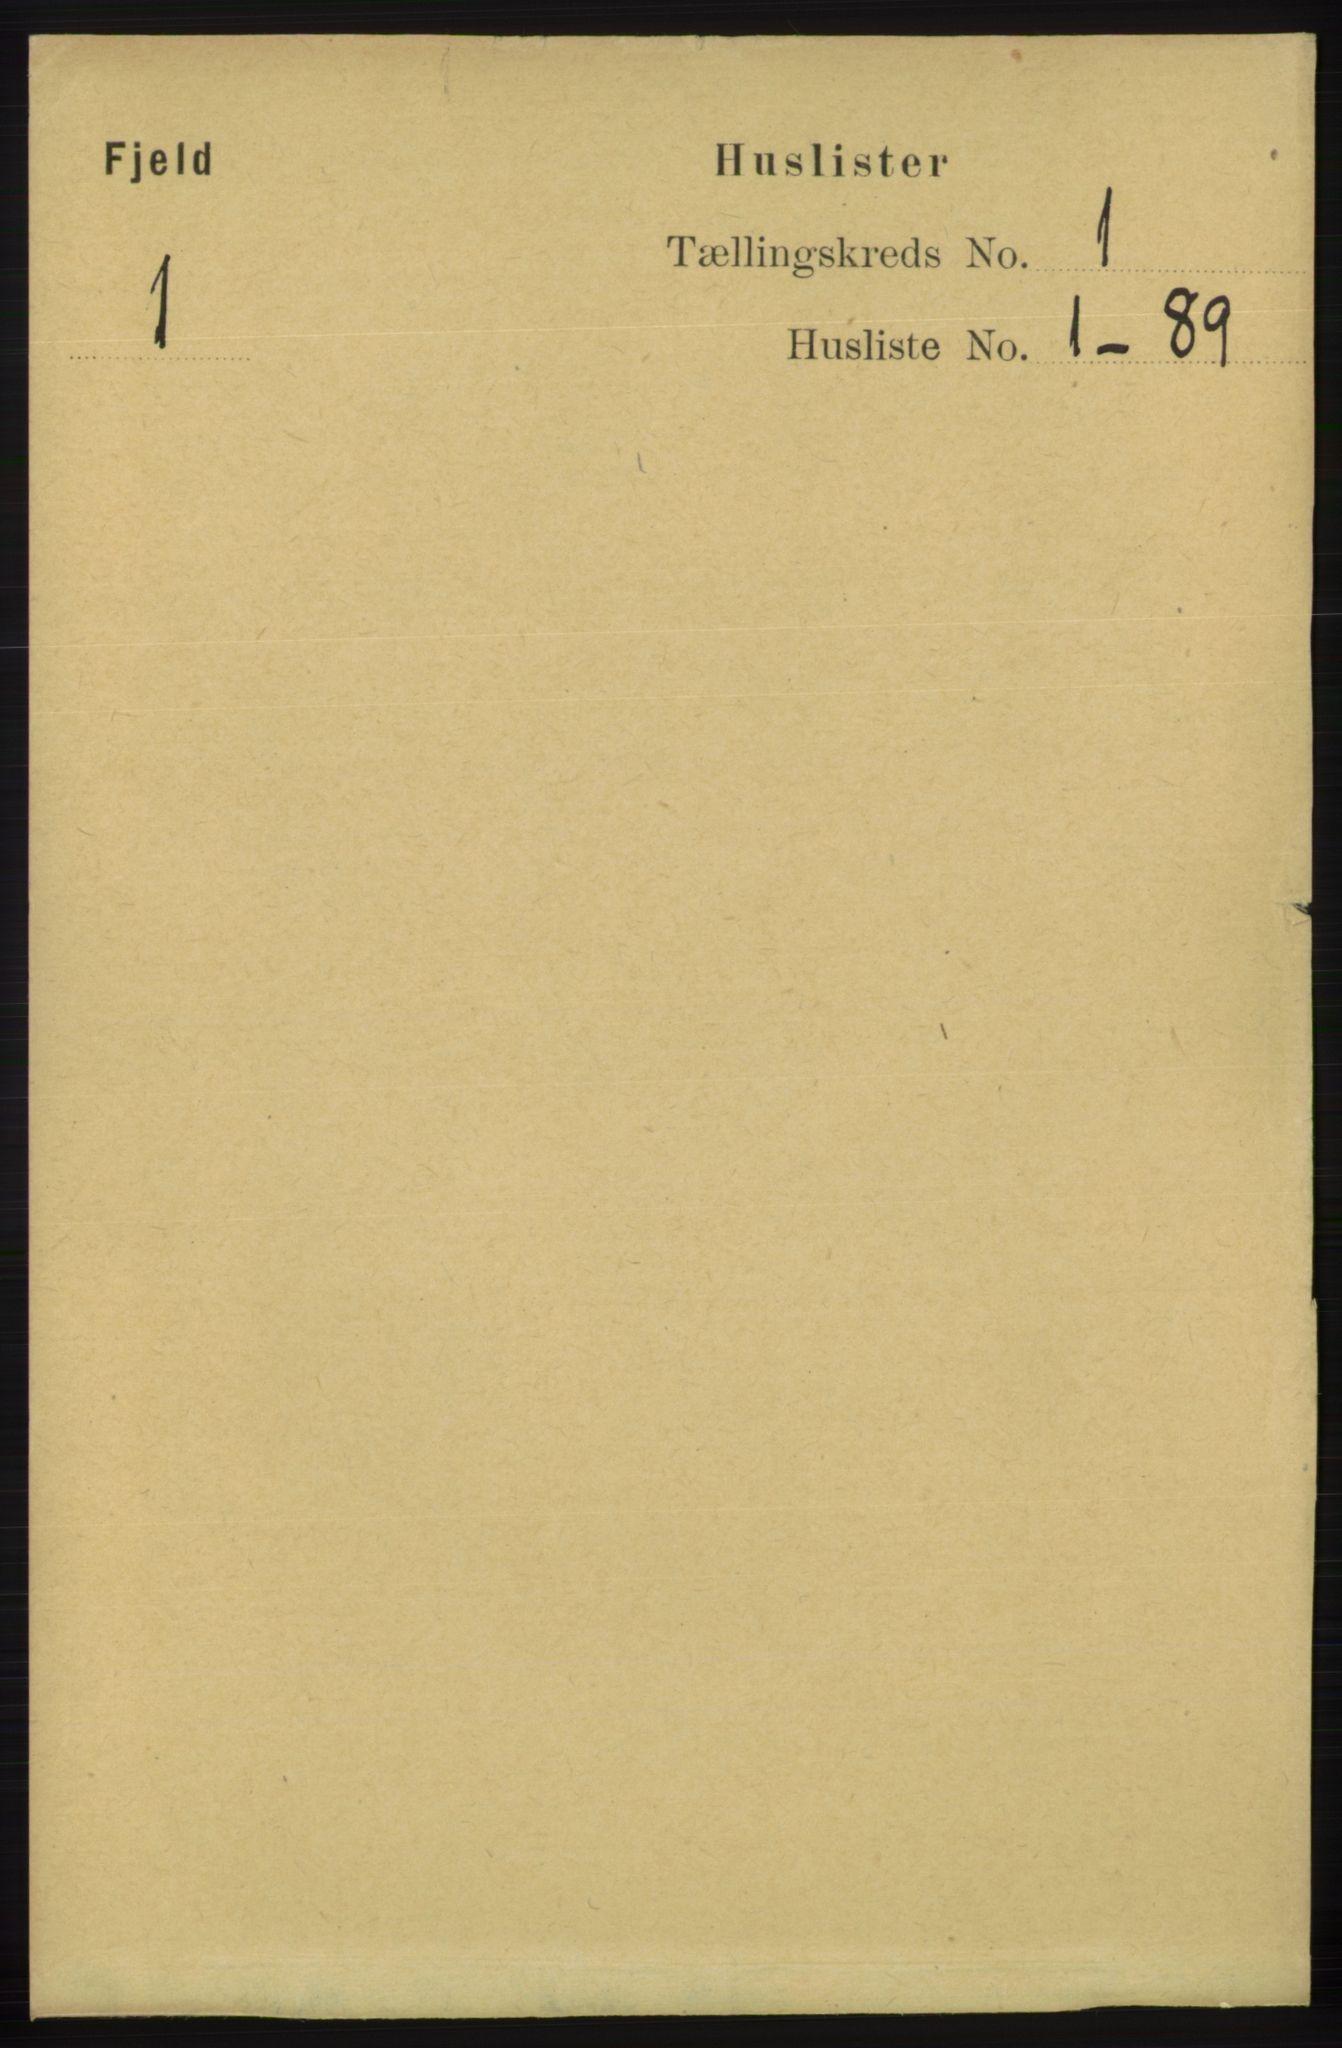 RA, Folketelling 1891 for 1246 Fjell herred, 1891, s. 22